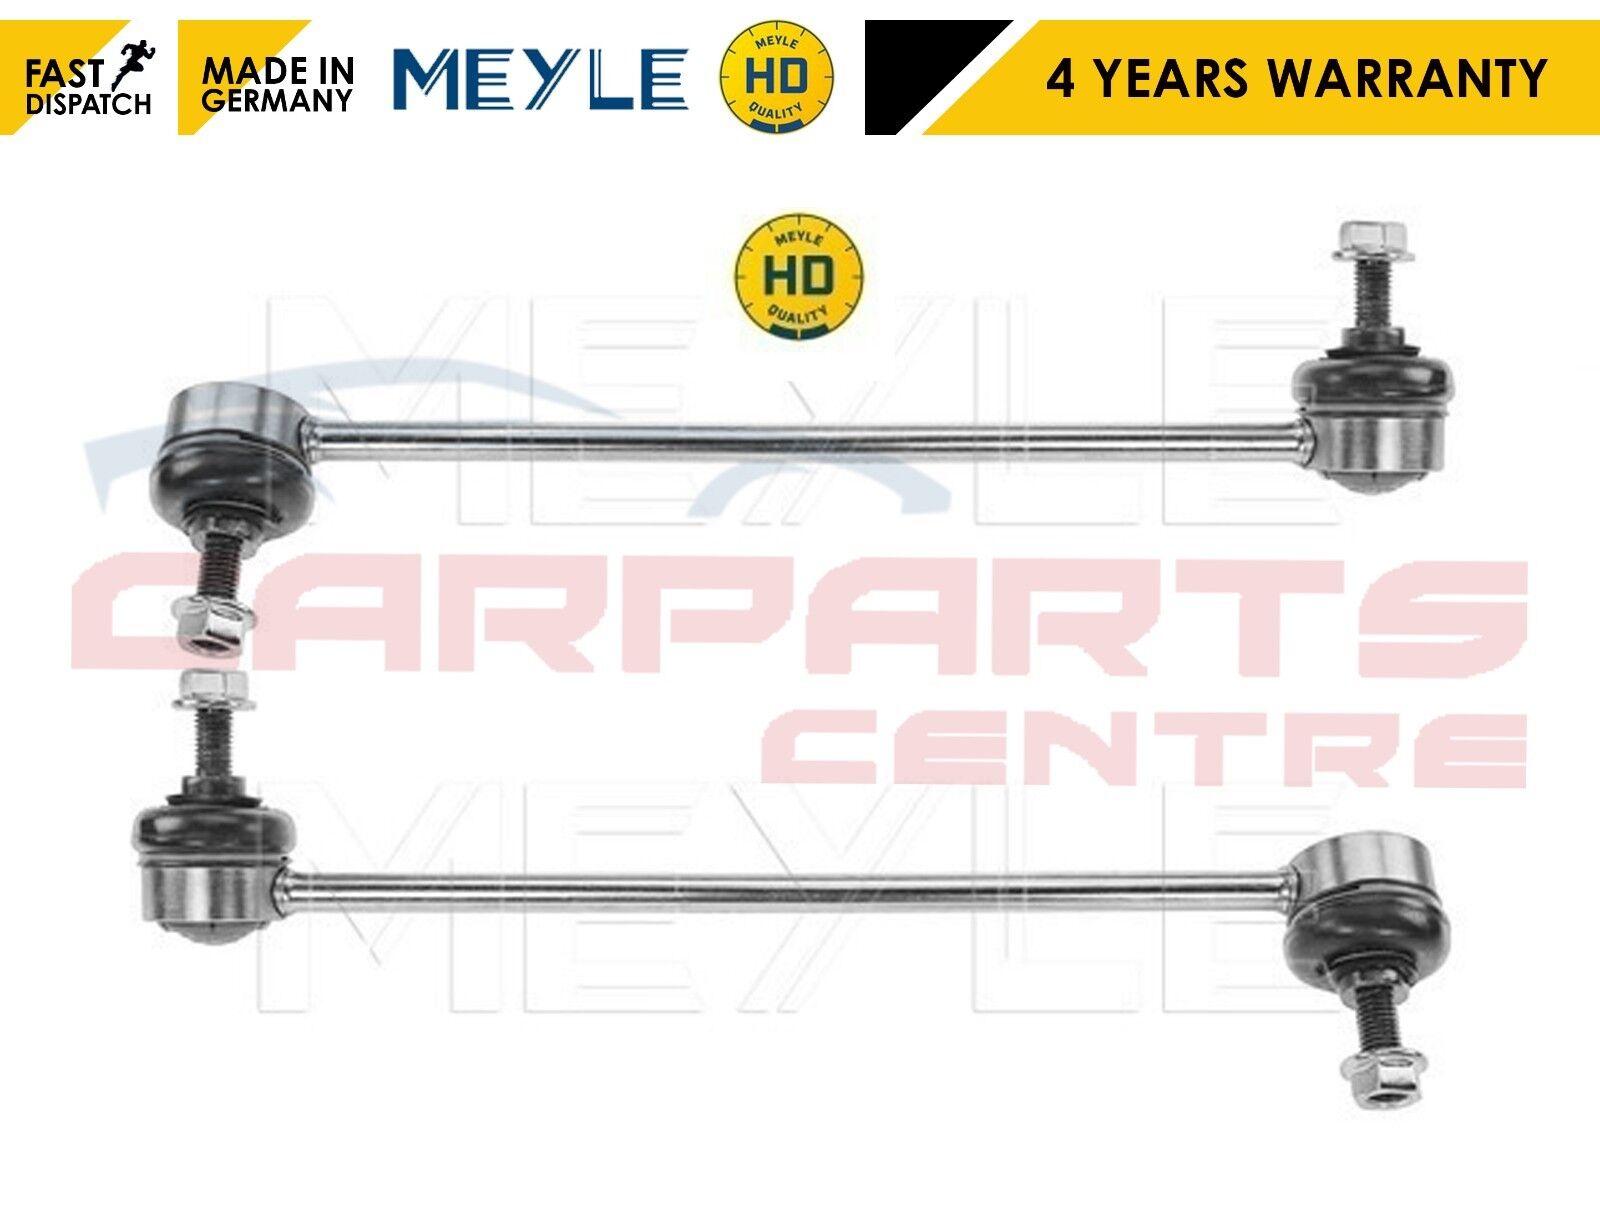 FOR BMW 3 SERIES E90 X1 E84 03-15 REAR STABILISER ANTI ROLL BAR DROP LINK X 2